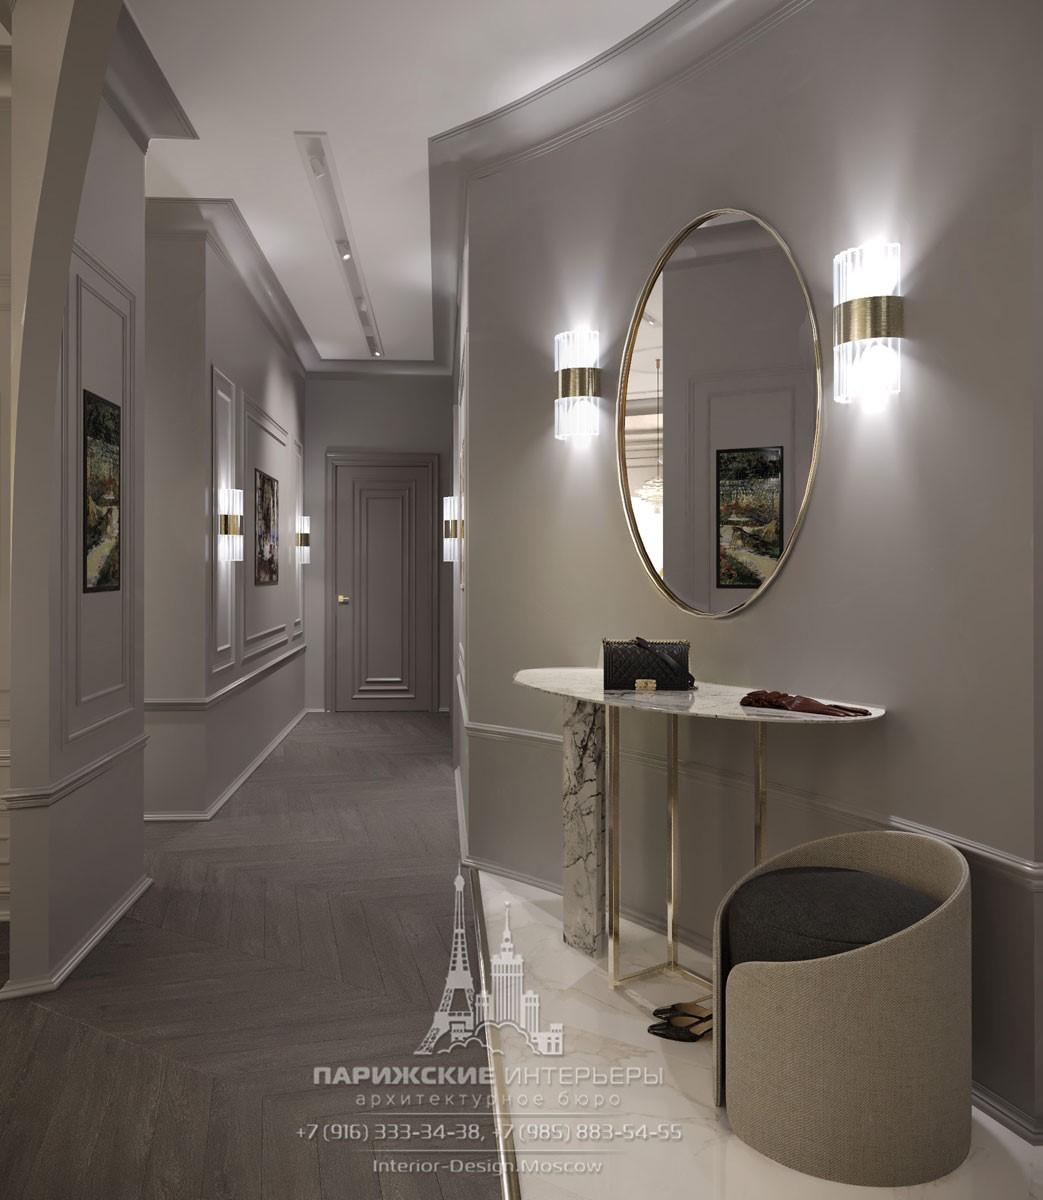 Современный дизайн коридора в светлых тонах